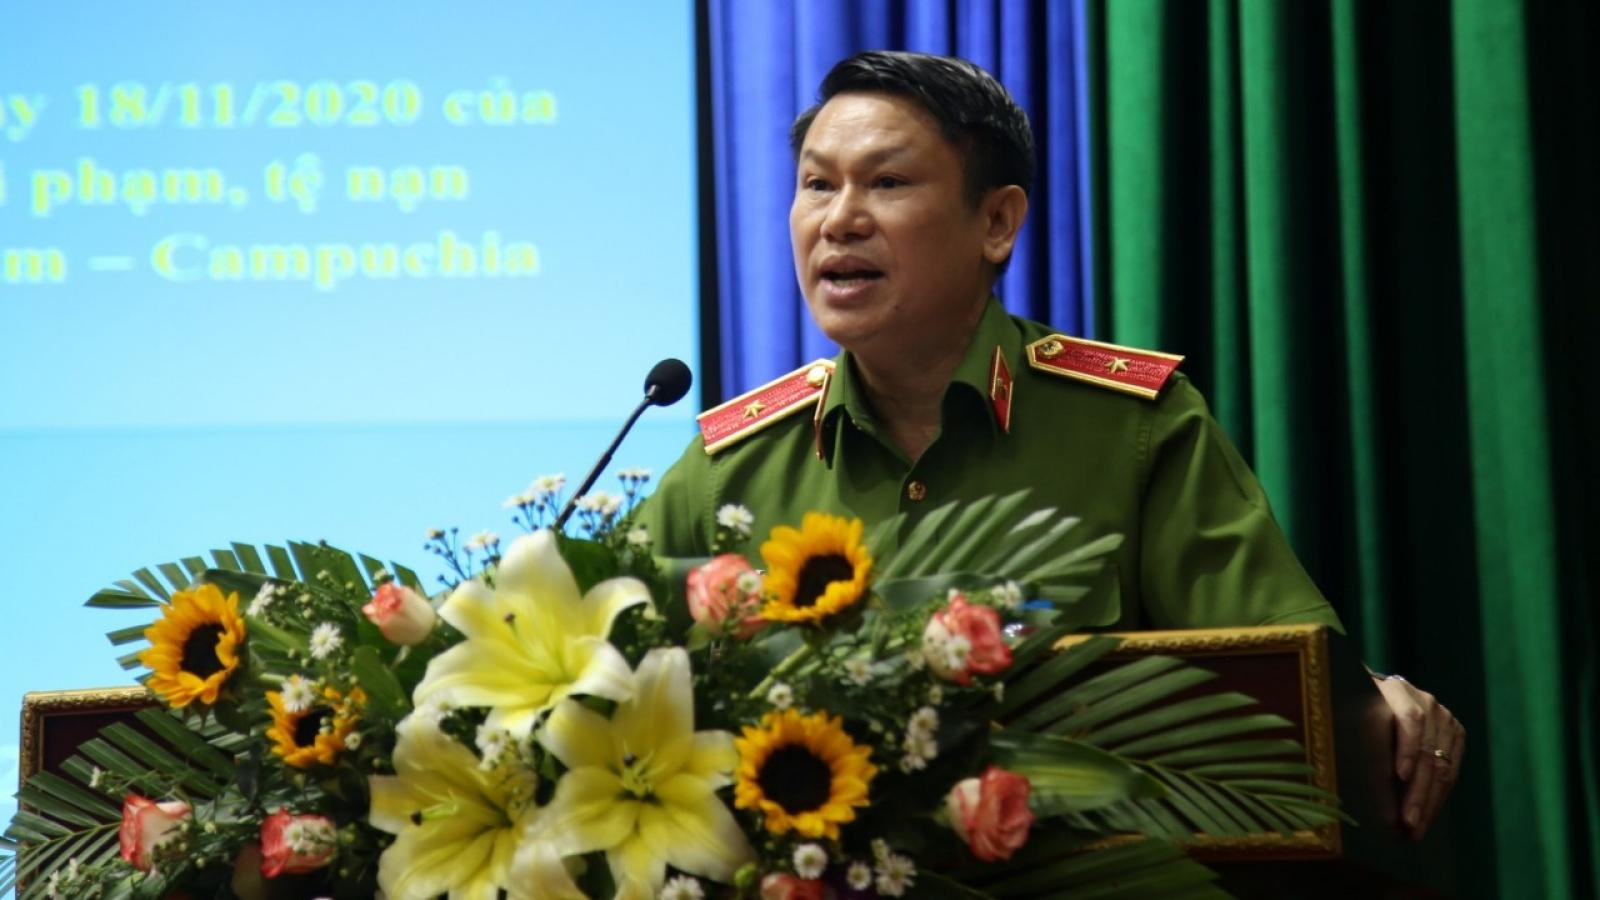 Thiếu tướng Nguyễn Văn Viện: Ma túy dồn về TPHCM